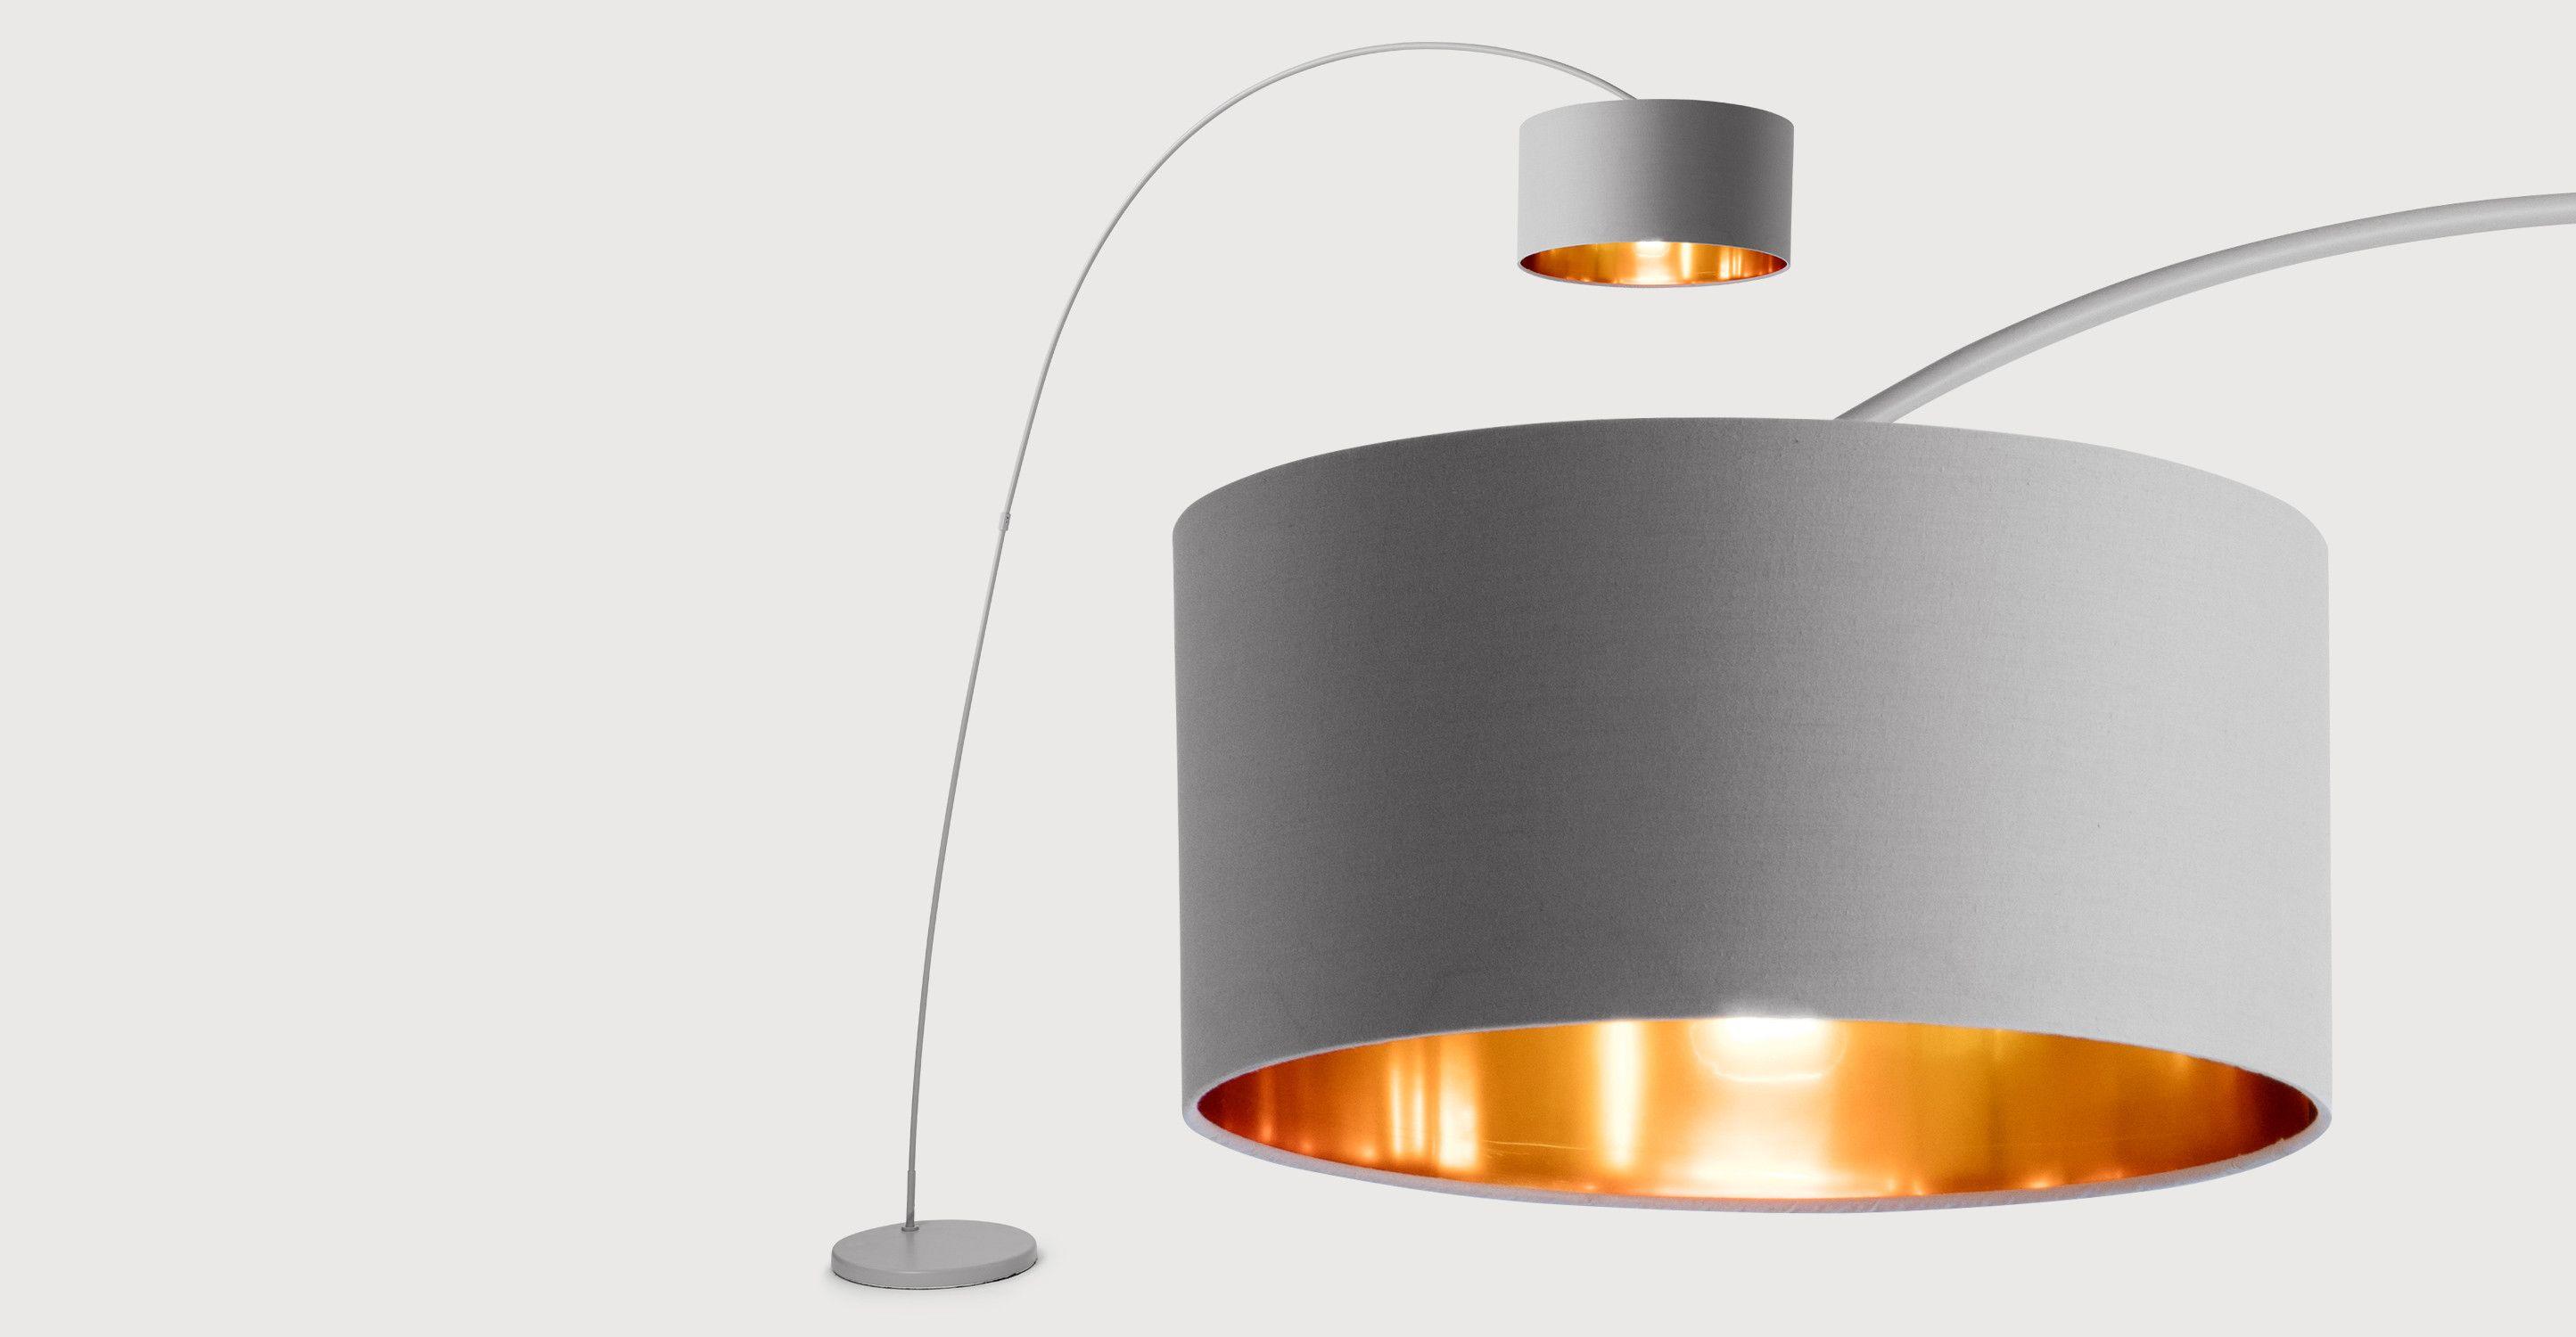 Großartig Stehlampe Esstisch Foto Von Sweep In Mattgrau Und Kupfer Für Den